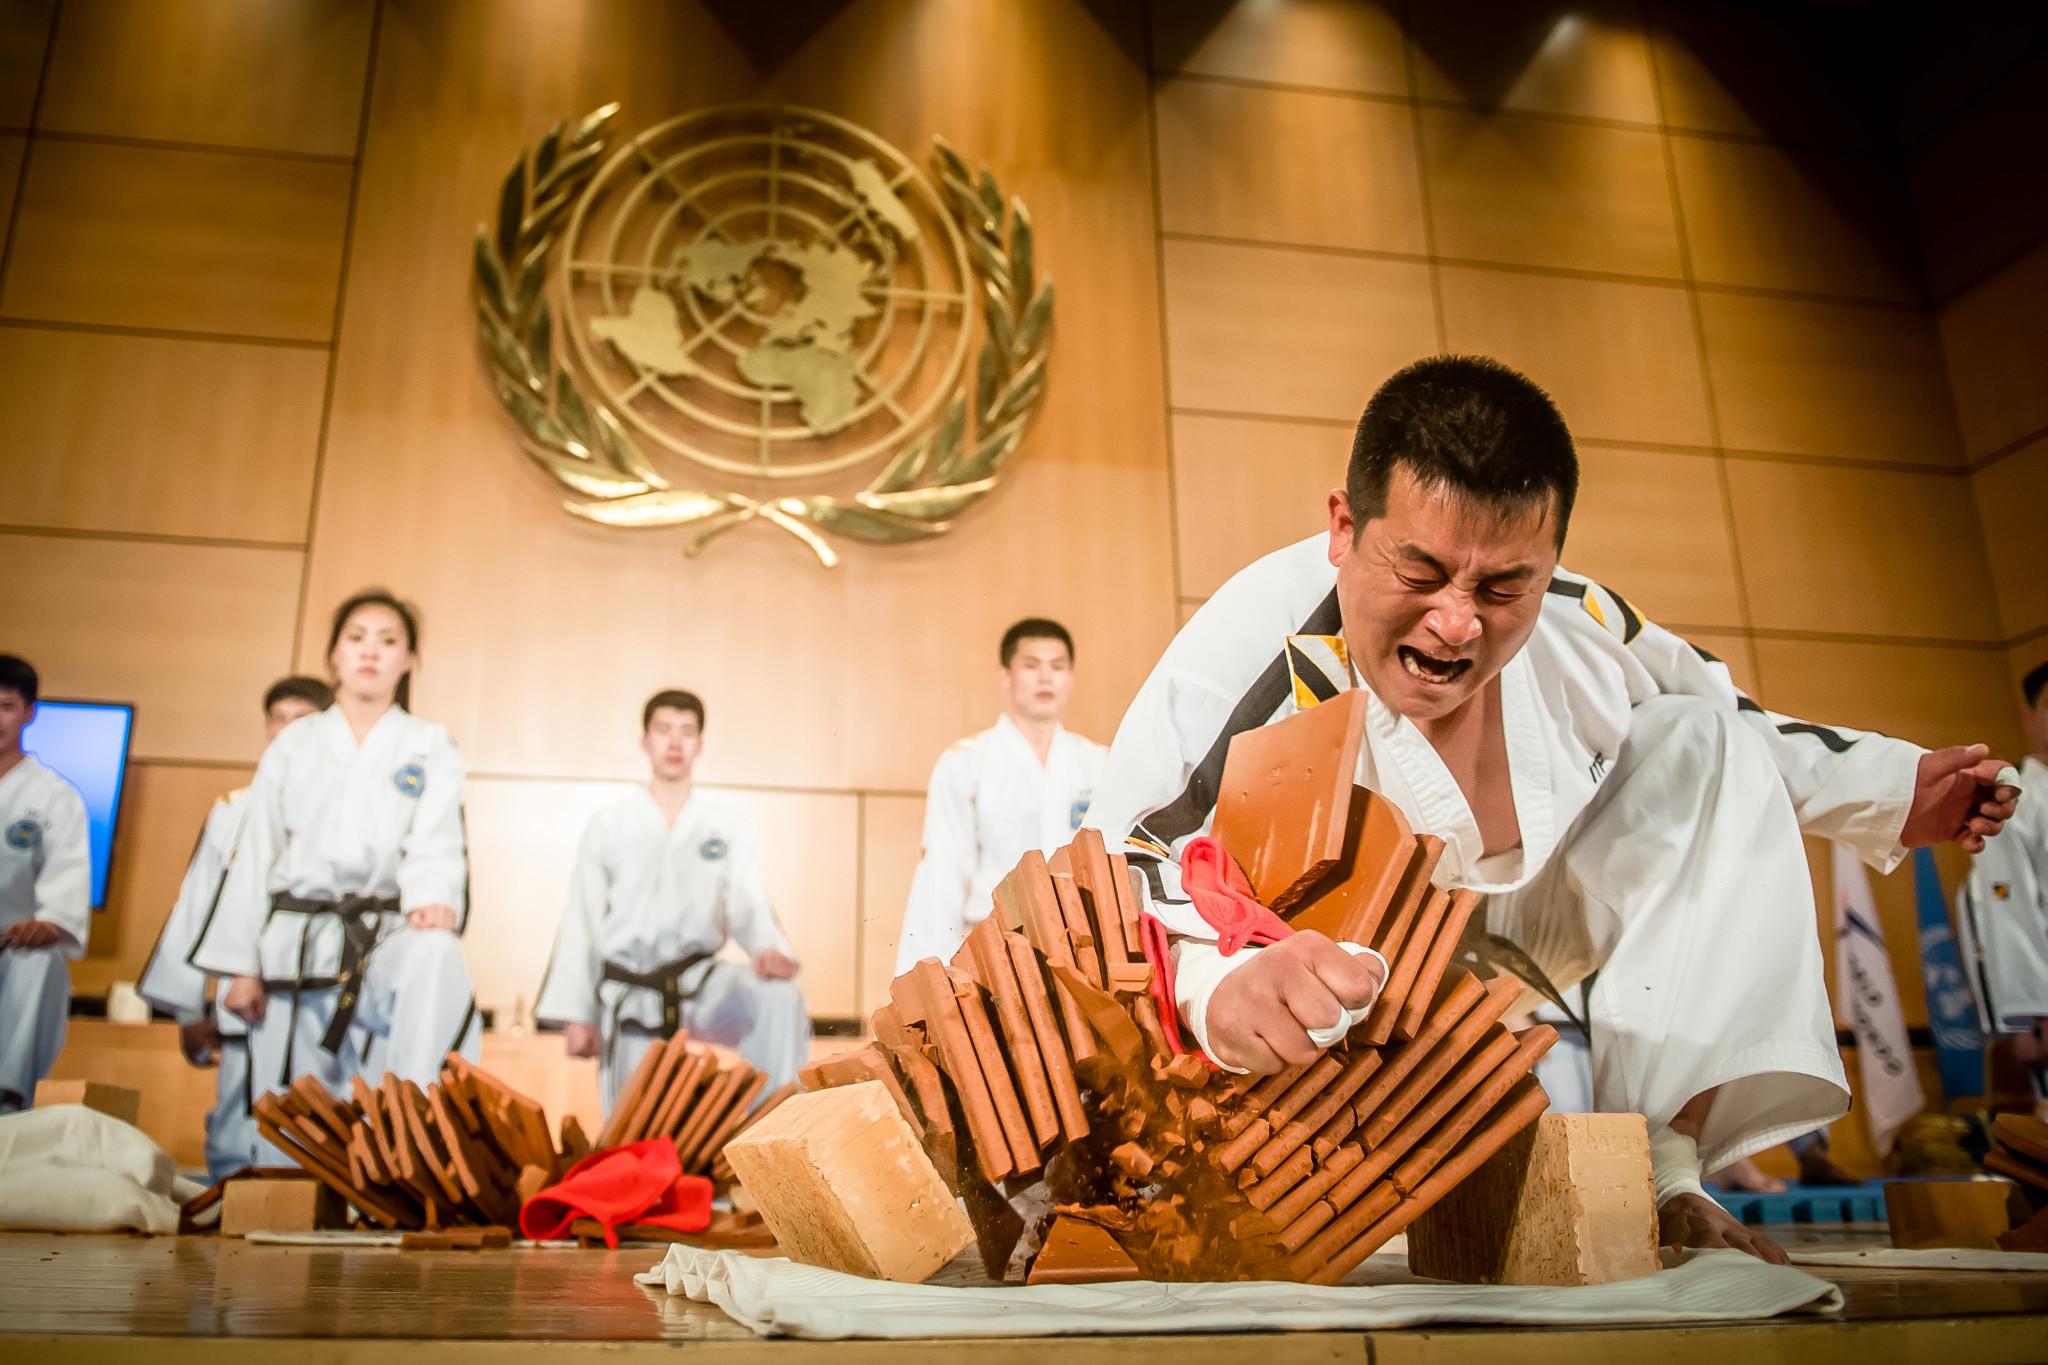 The United Nations Geneva Office welcomed World Taekwondo and the International Taekwondo Federation for a joint demonstration ©World Taekwondo